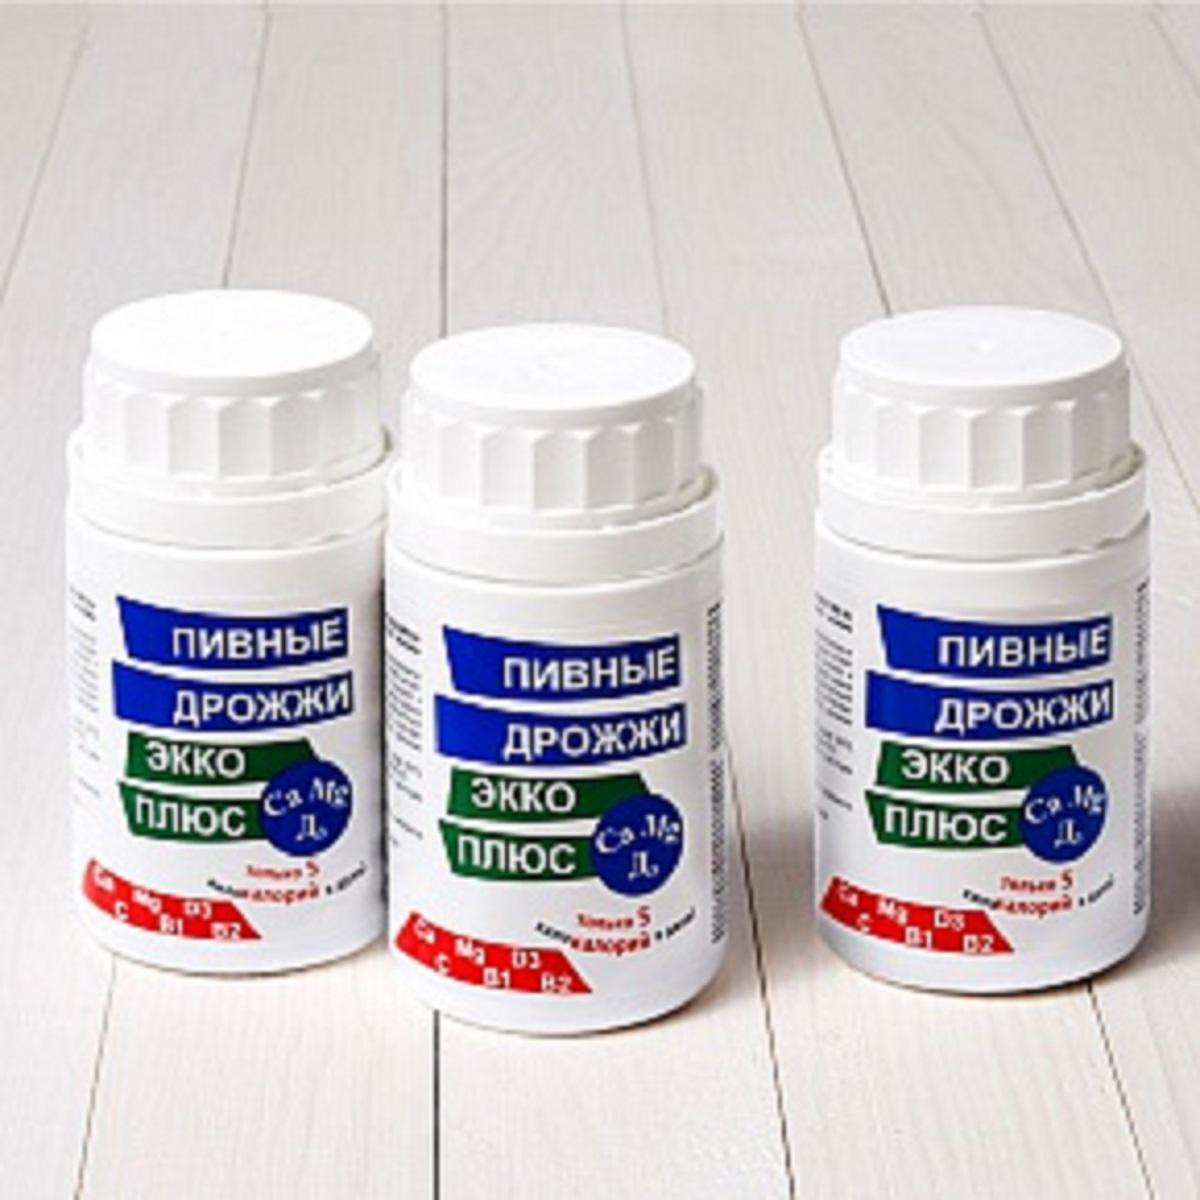 Дрожжи пивные с магнием + Са + Д3 таблетки №10017979дополнительный источник кальция, магния, витаминов С, Д3, В2, содержащий витамин В1 Сфера применения: ВитаминологияВитамины группы В